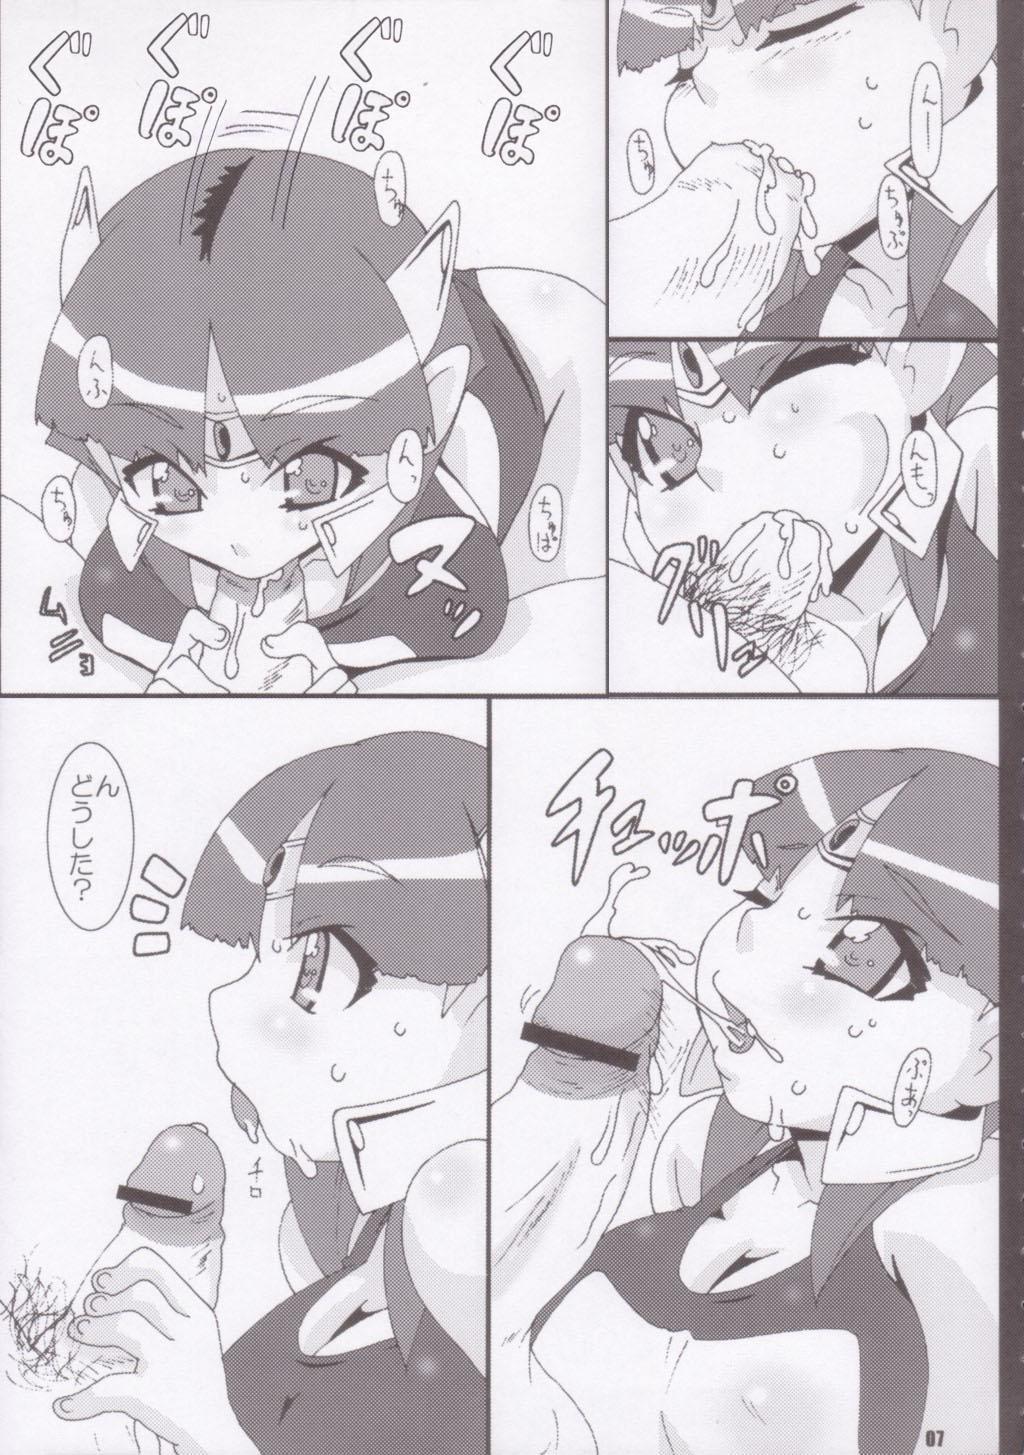 Kimi wa Dancer 5